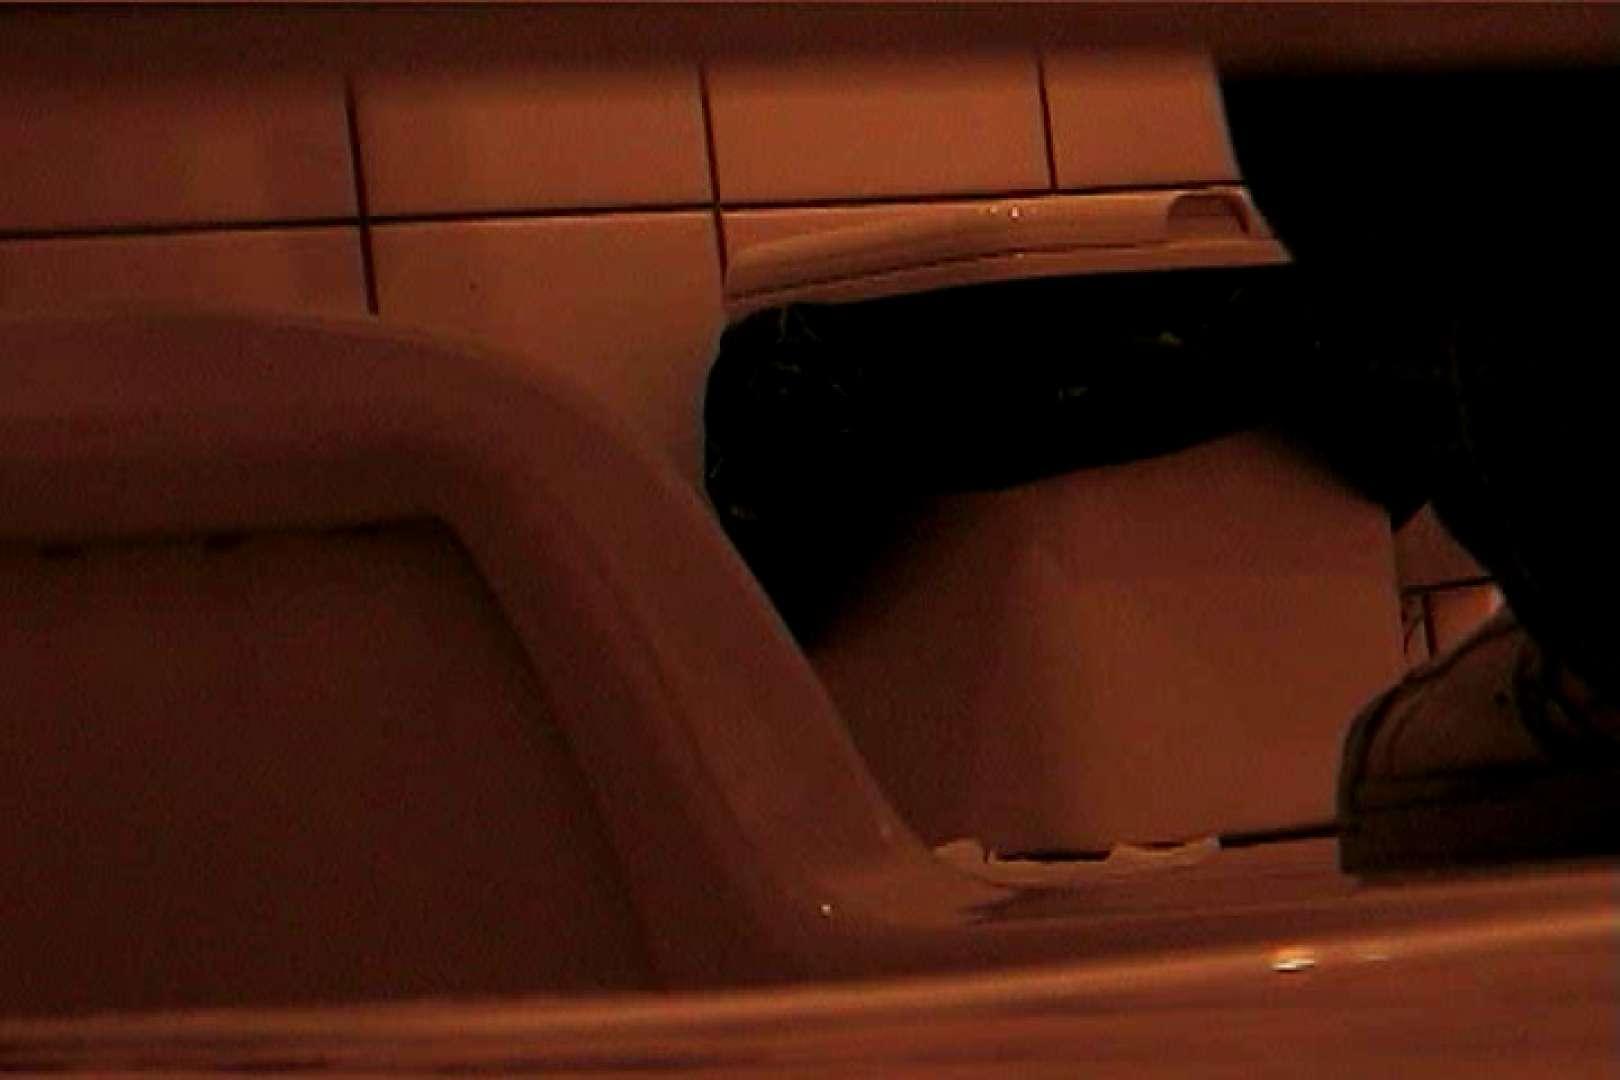 マンコ丸見え女子洗面所Vol.43 マンコ・ムレムレ | 美しいOLの裸体  77pic 5